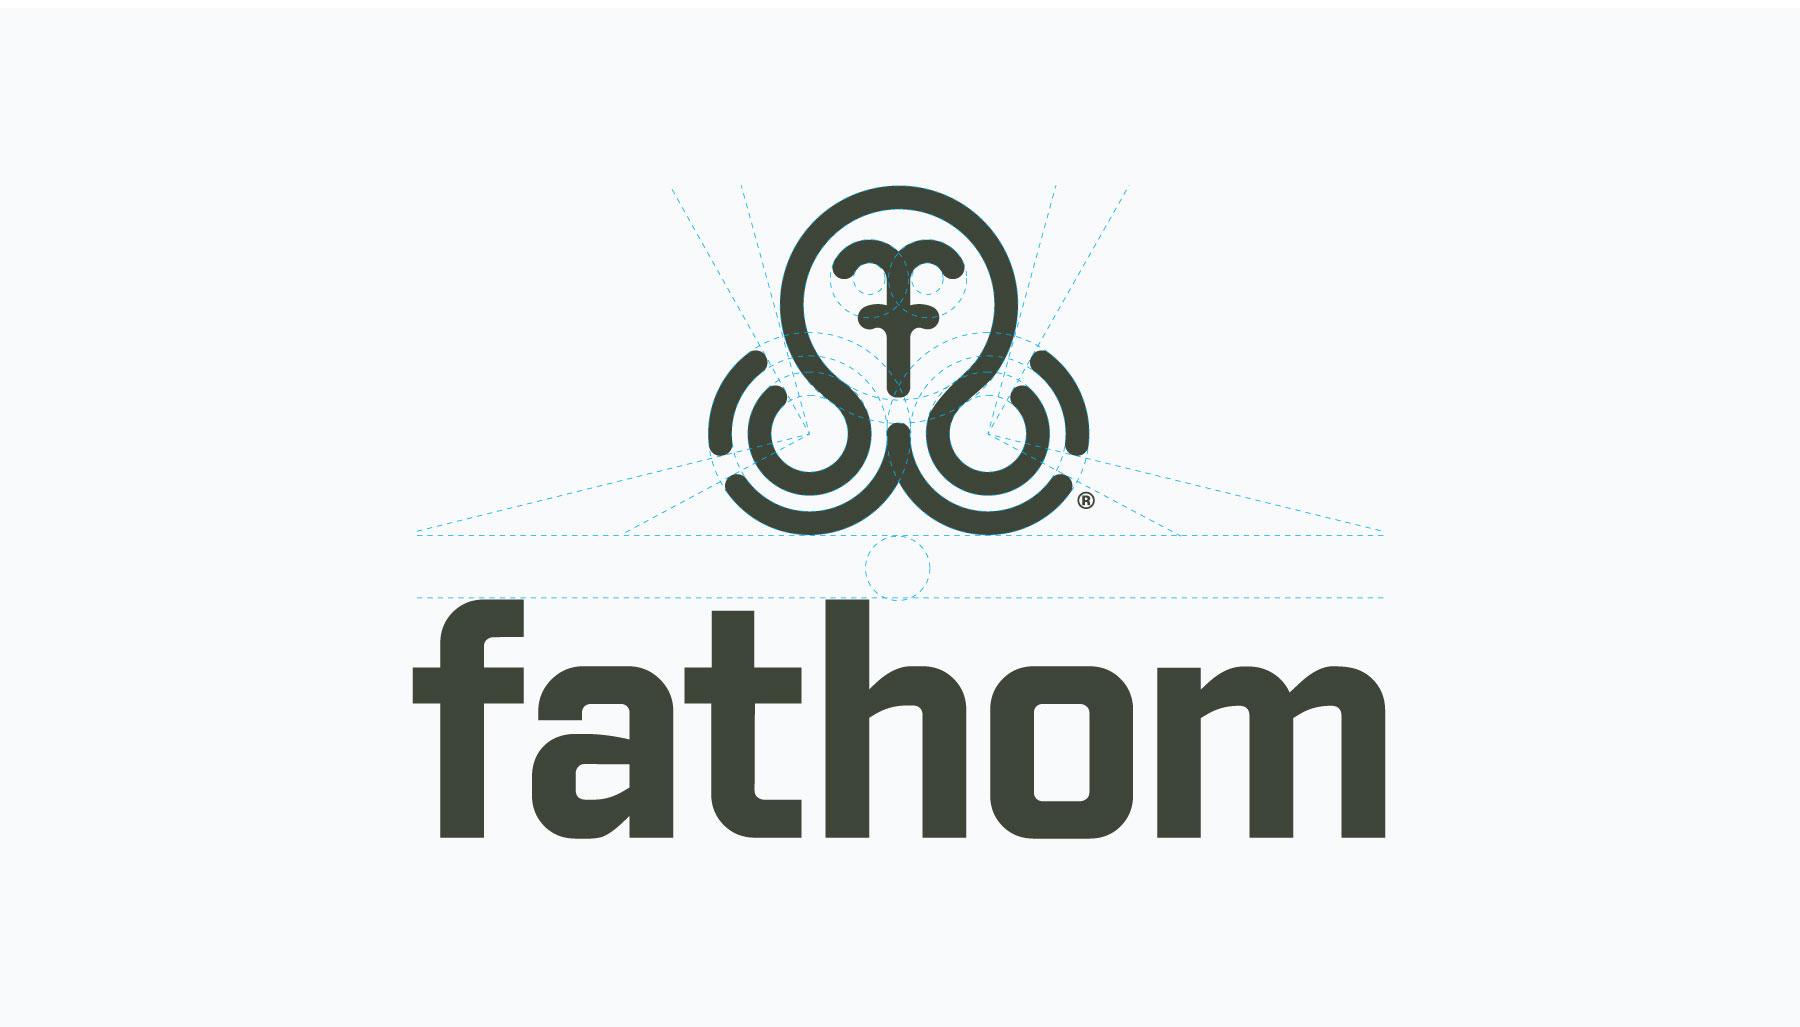 FathomToDC_03